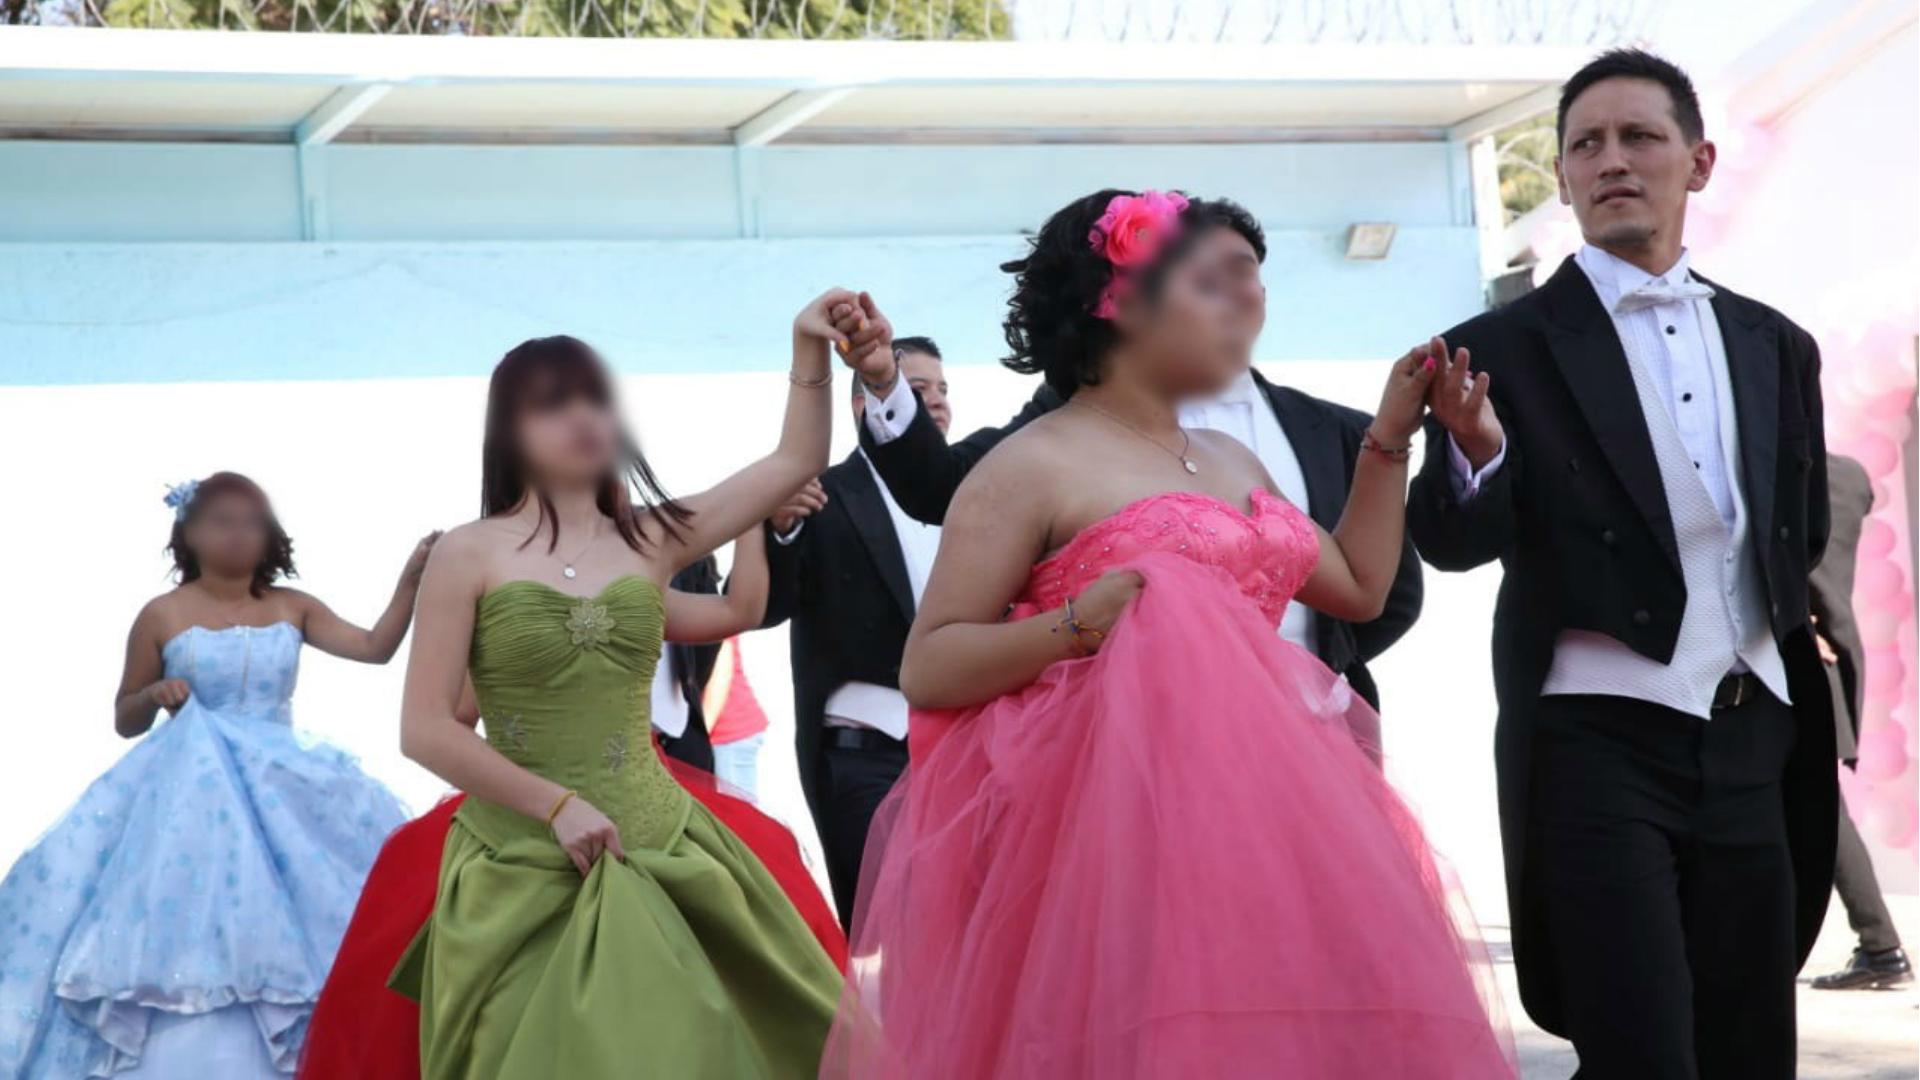 Las festejadas fueron acompañadas por sus chambelanes, bailarines de la escuela